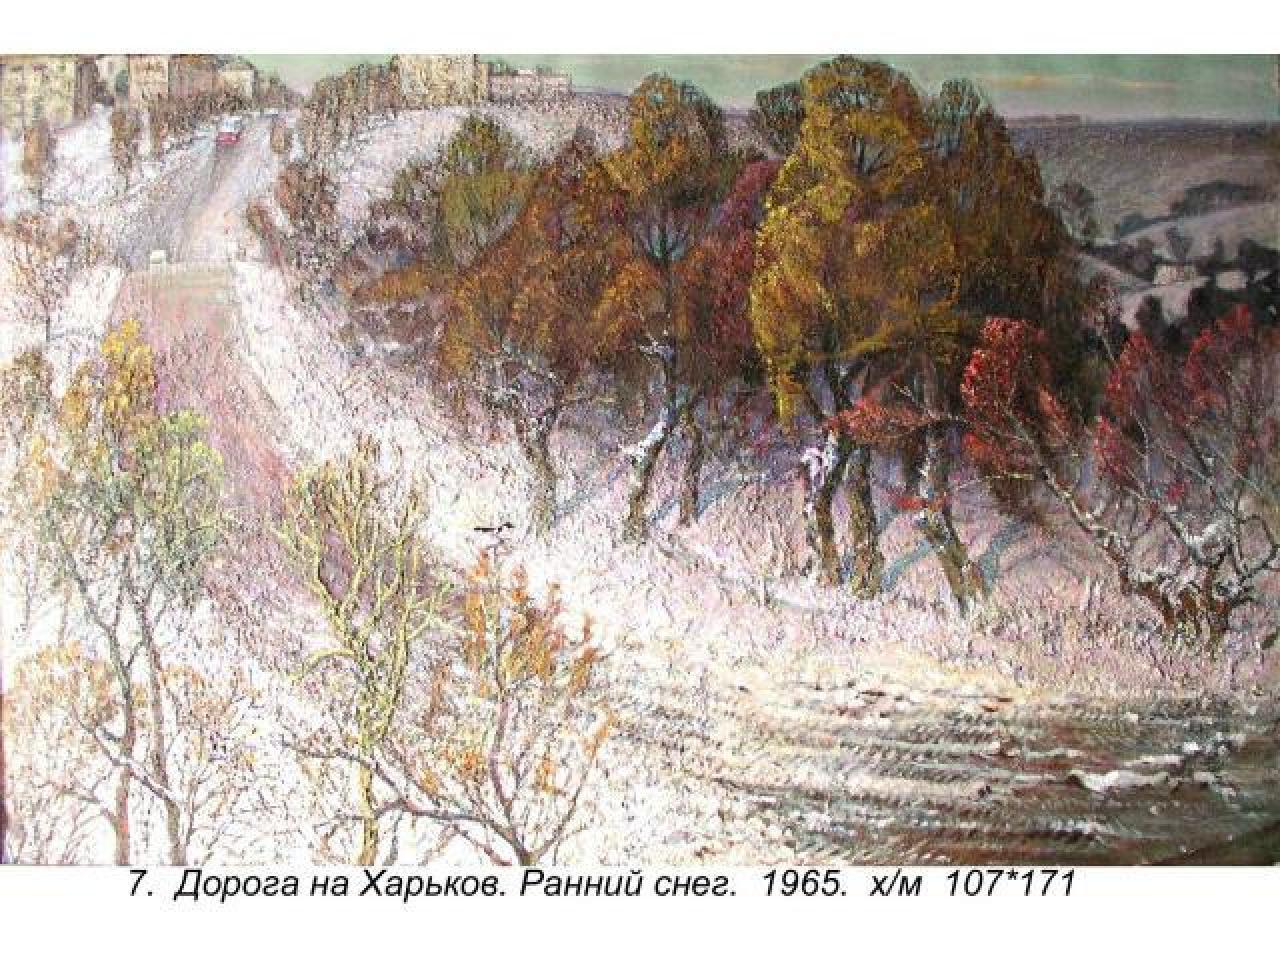 продам живописные картины соцреализма (более 500 шт.) Мальцева П,Н, - 1